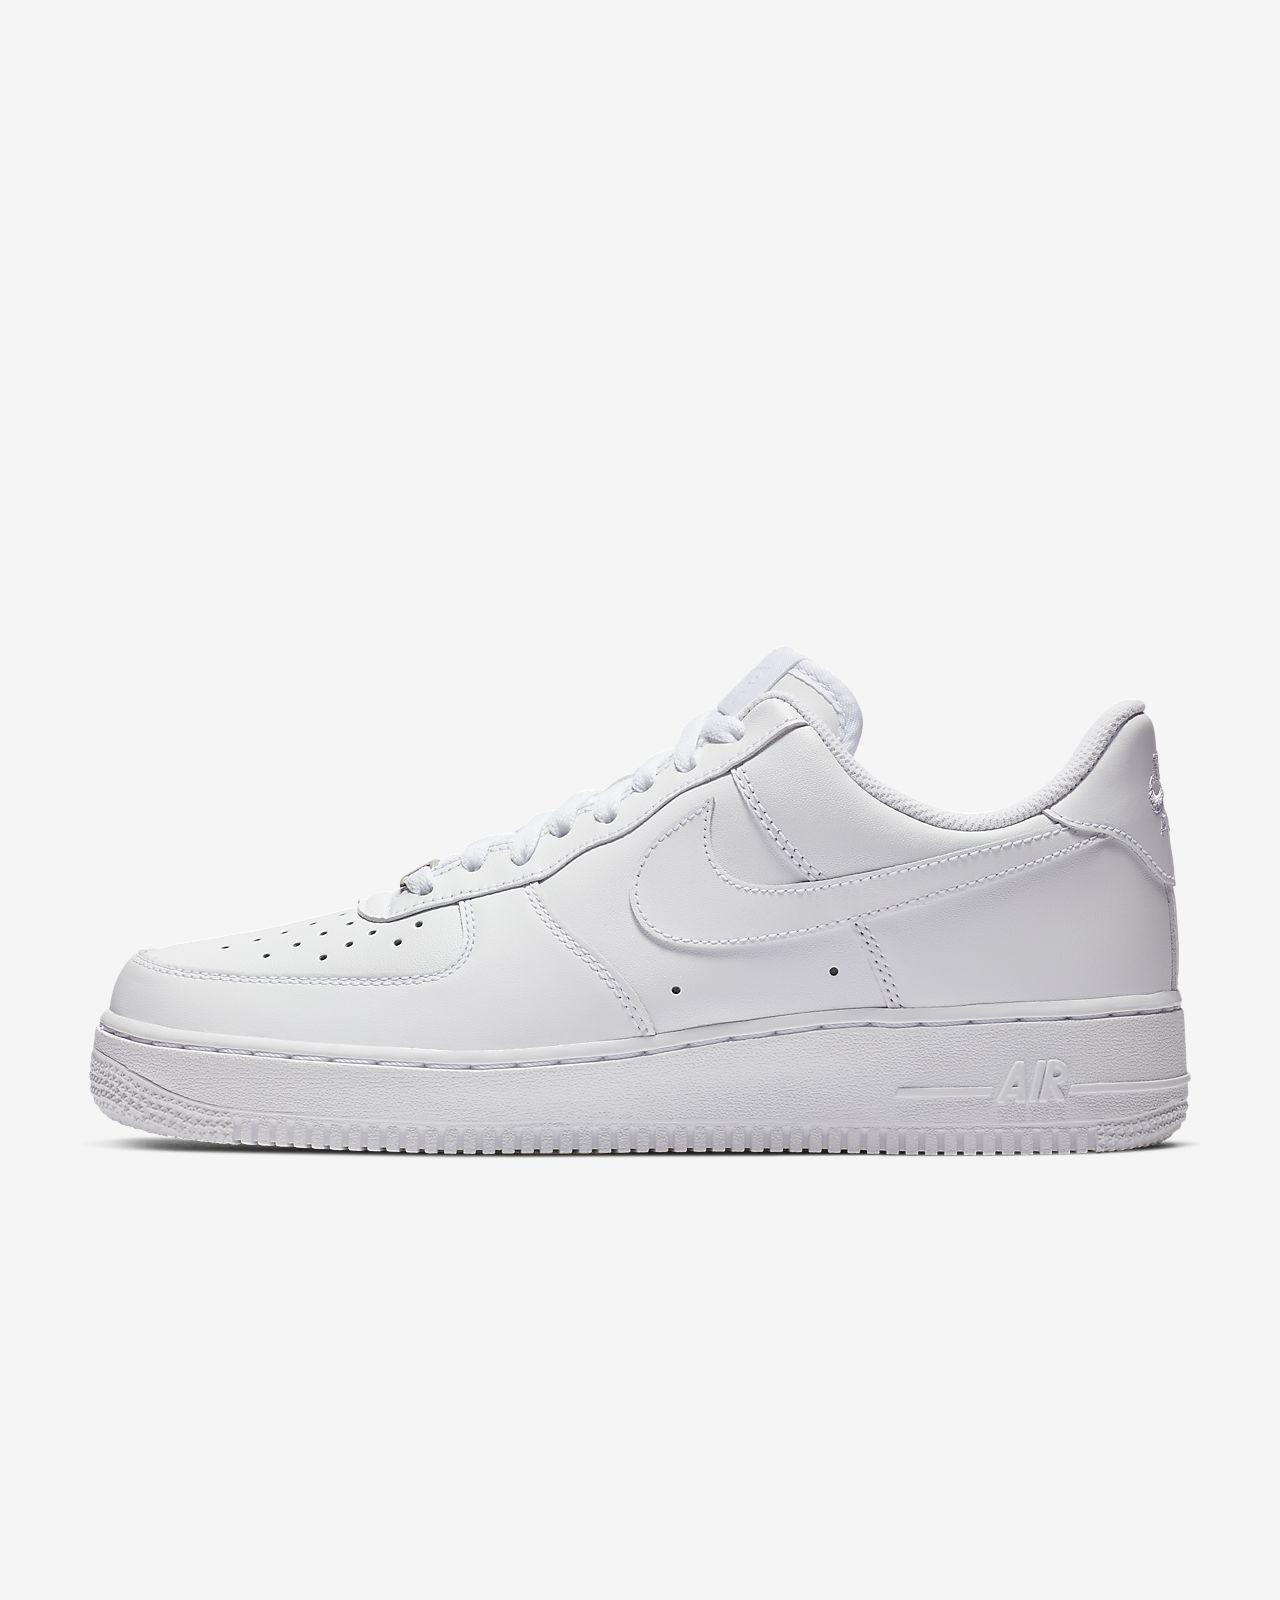 Nike Air Force 1 '07 Kadın Ayakkabısı